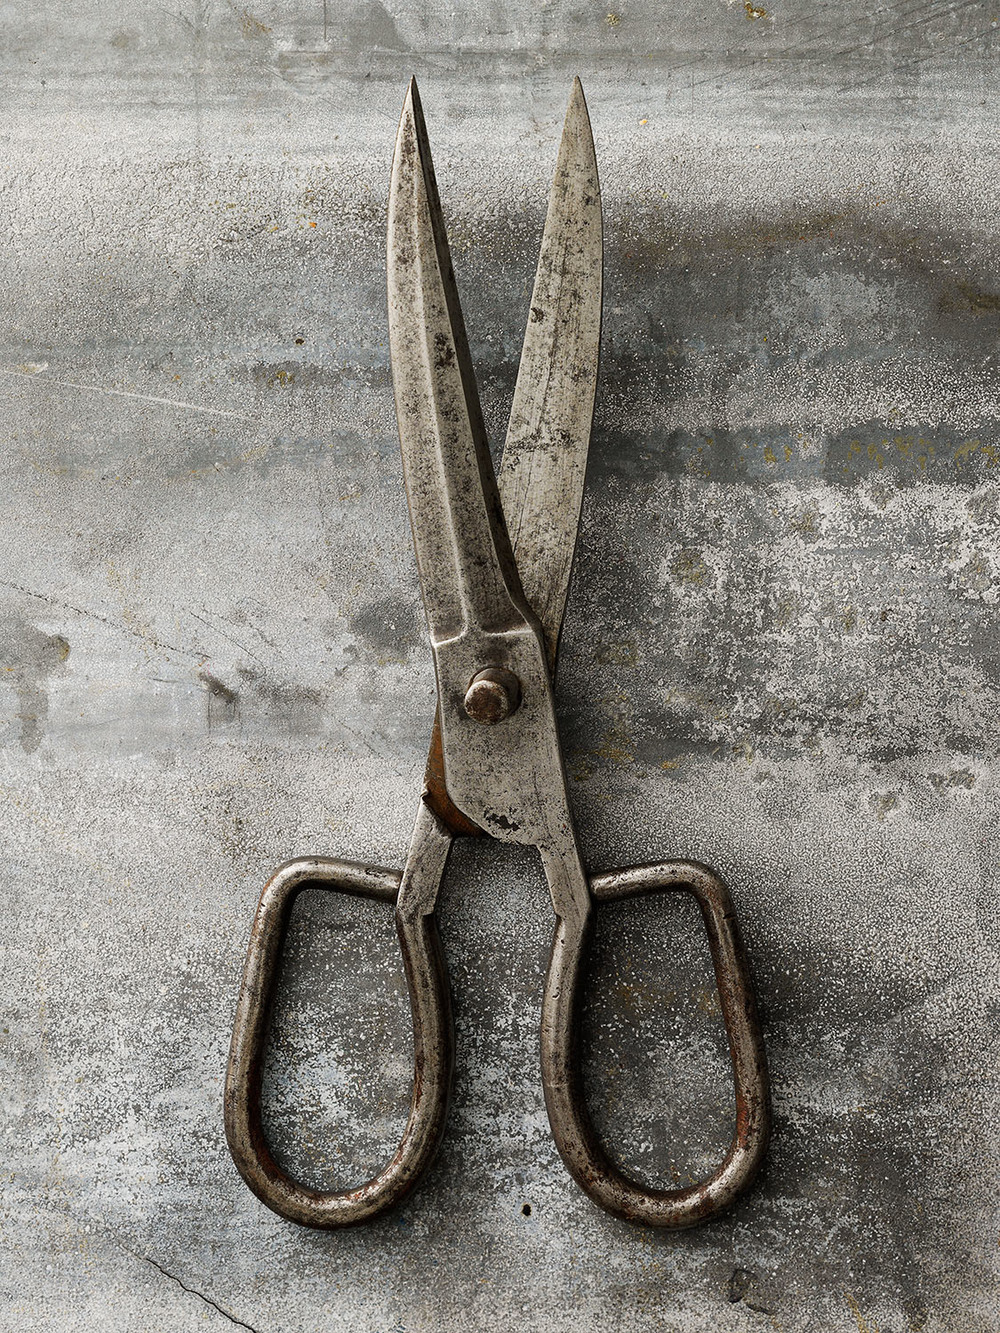 #11 Steel Sissors